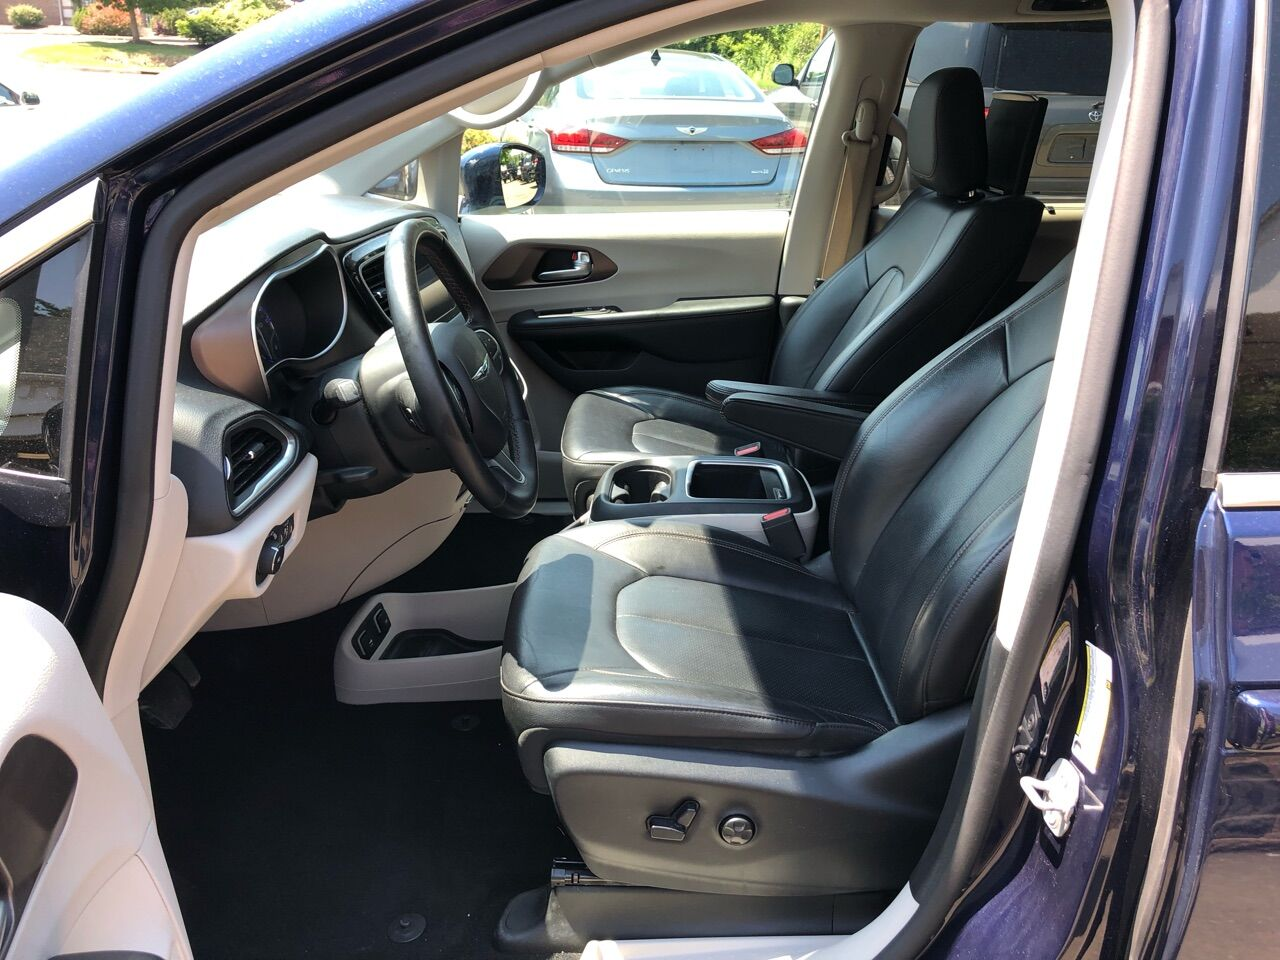 2018 Chrysler Pacifica Mini-van, Passenger